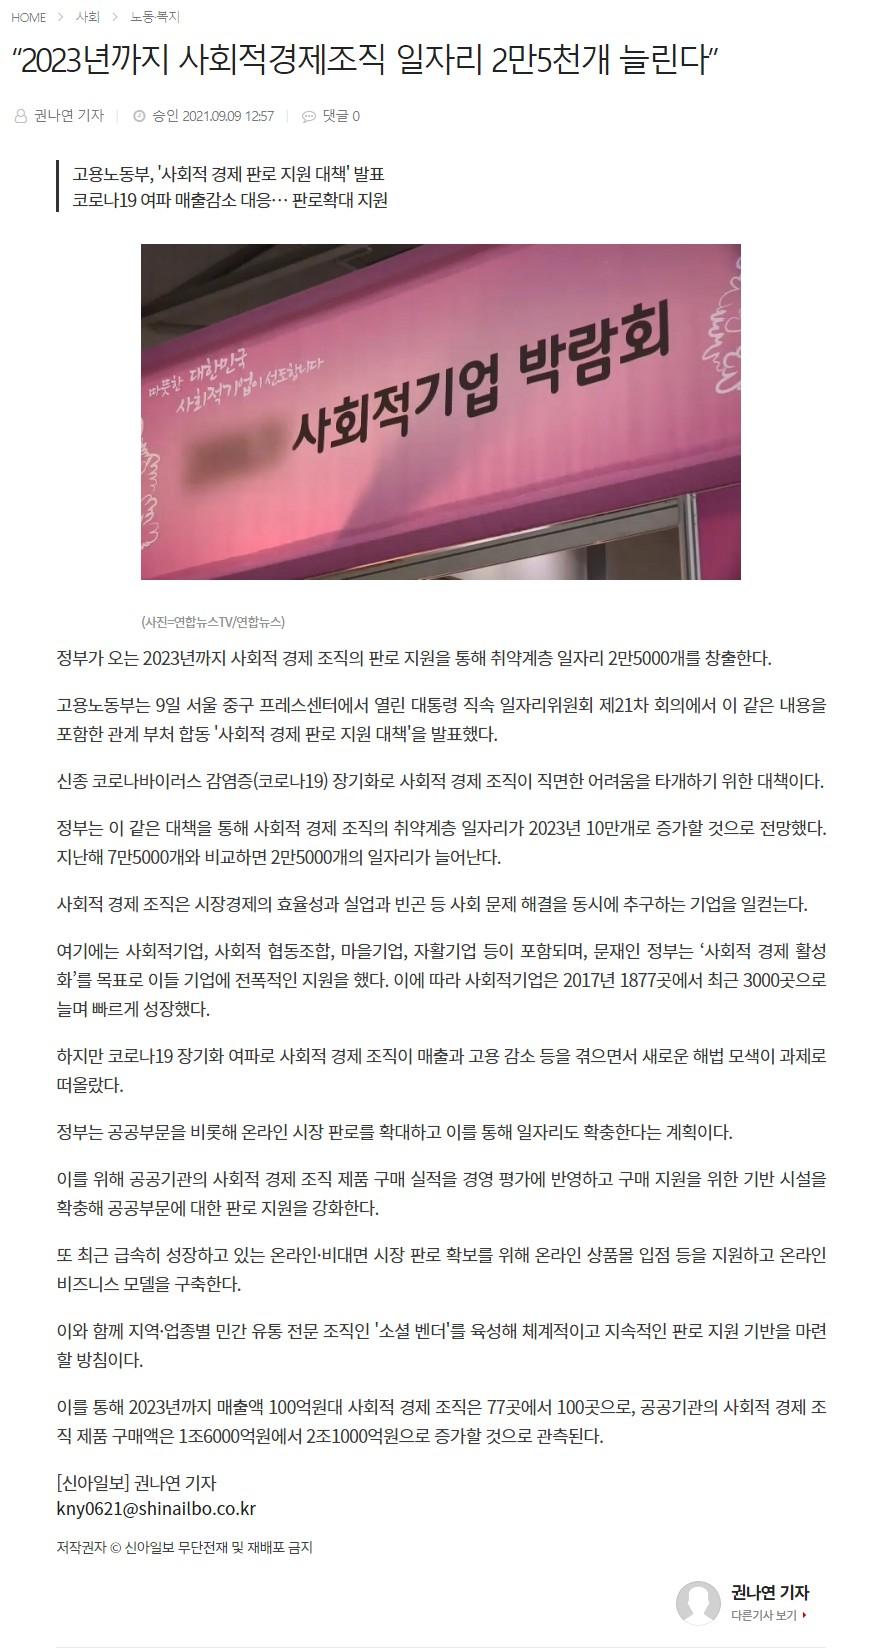 """""""2023년까지 사회적경제조직 일자리 2만5천개 늘린다"""""""